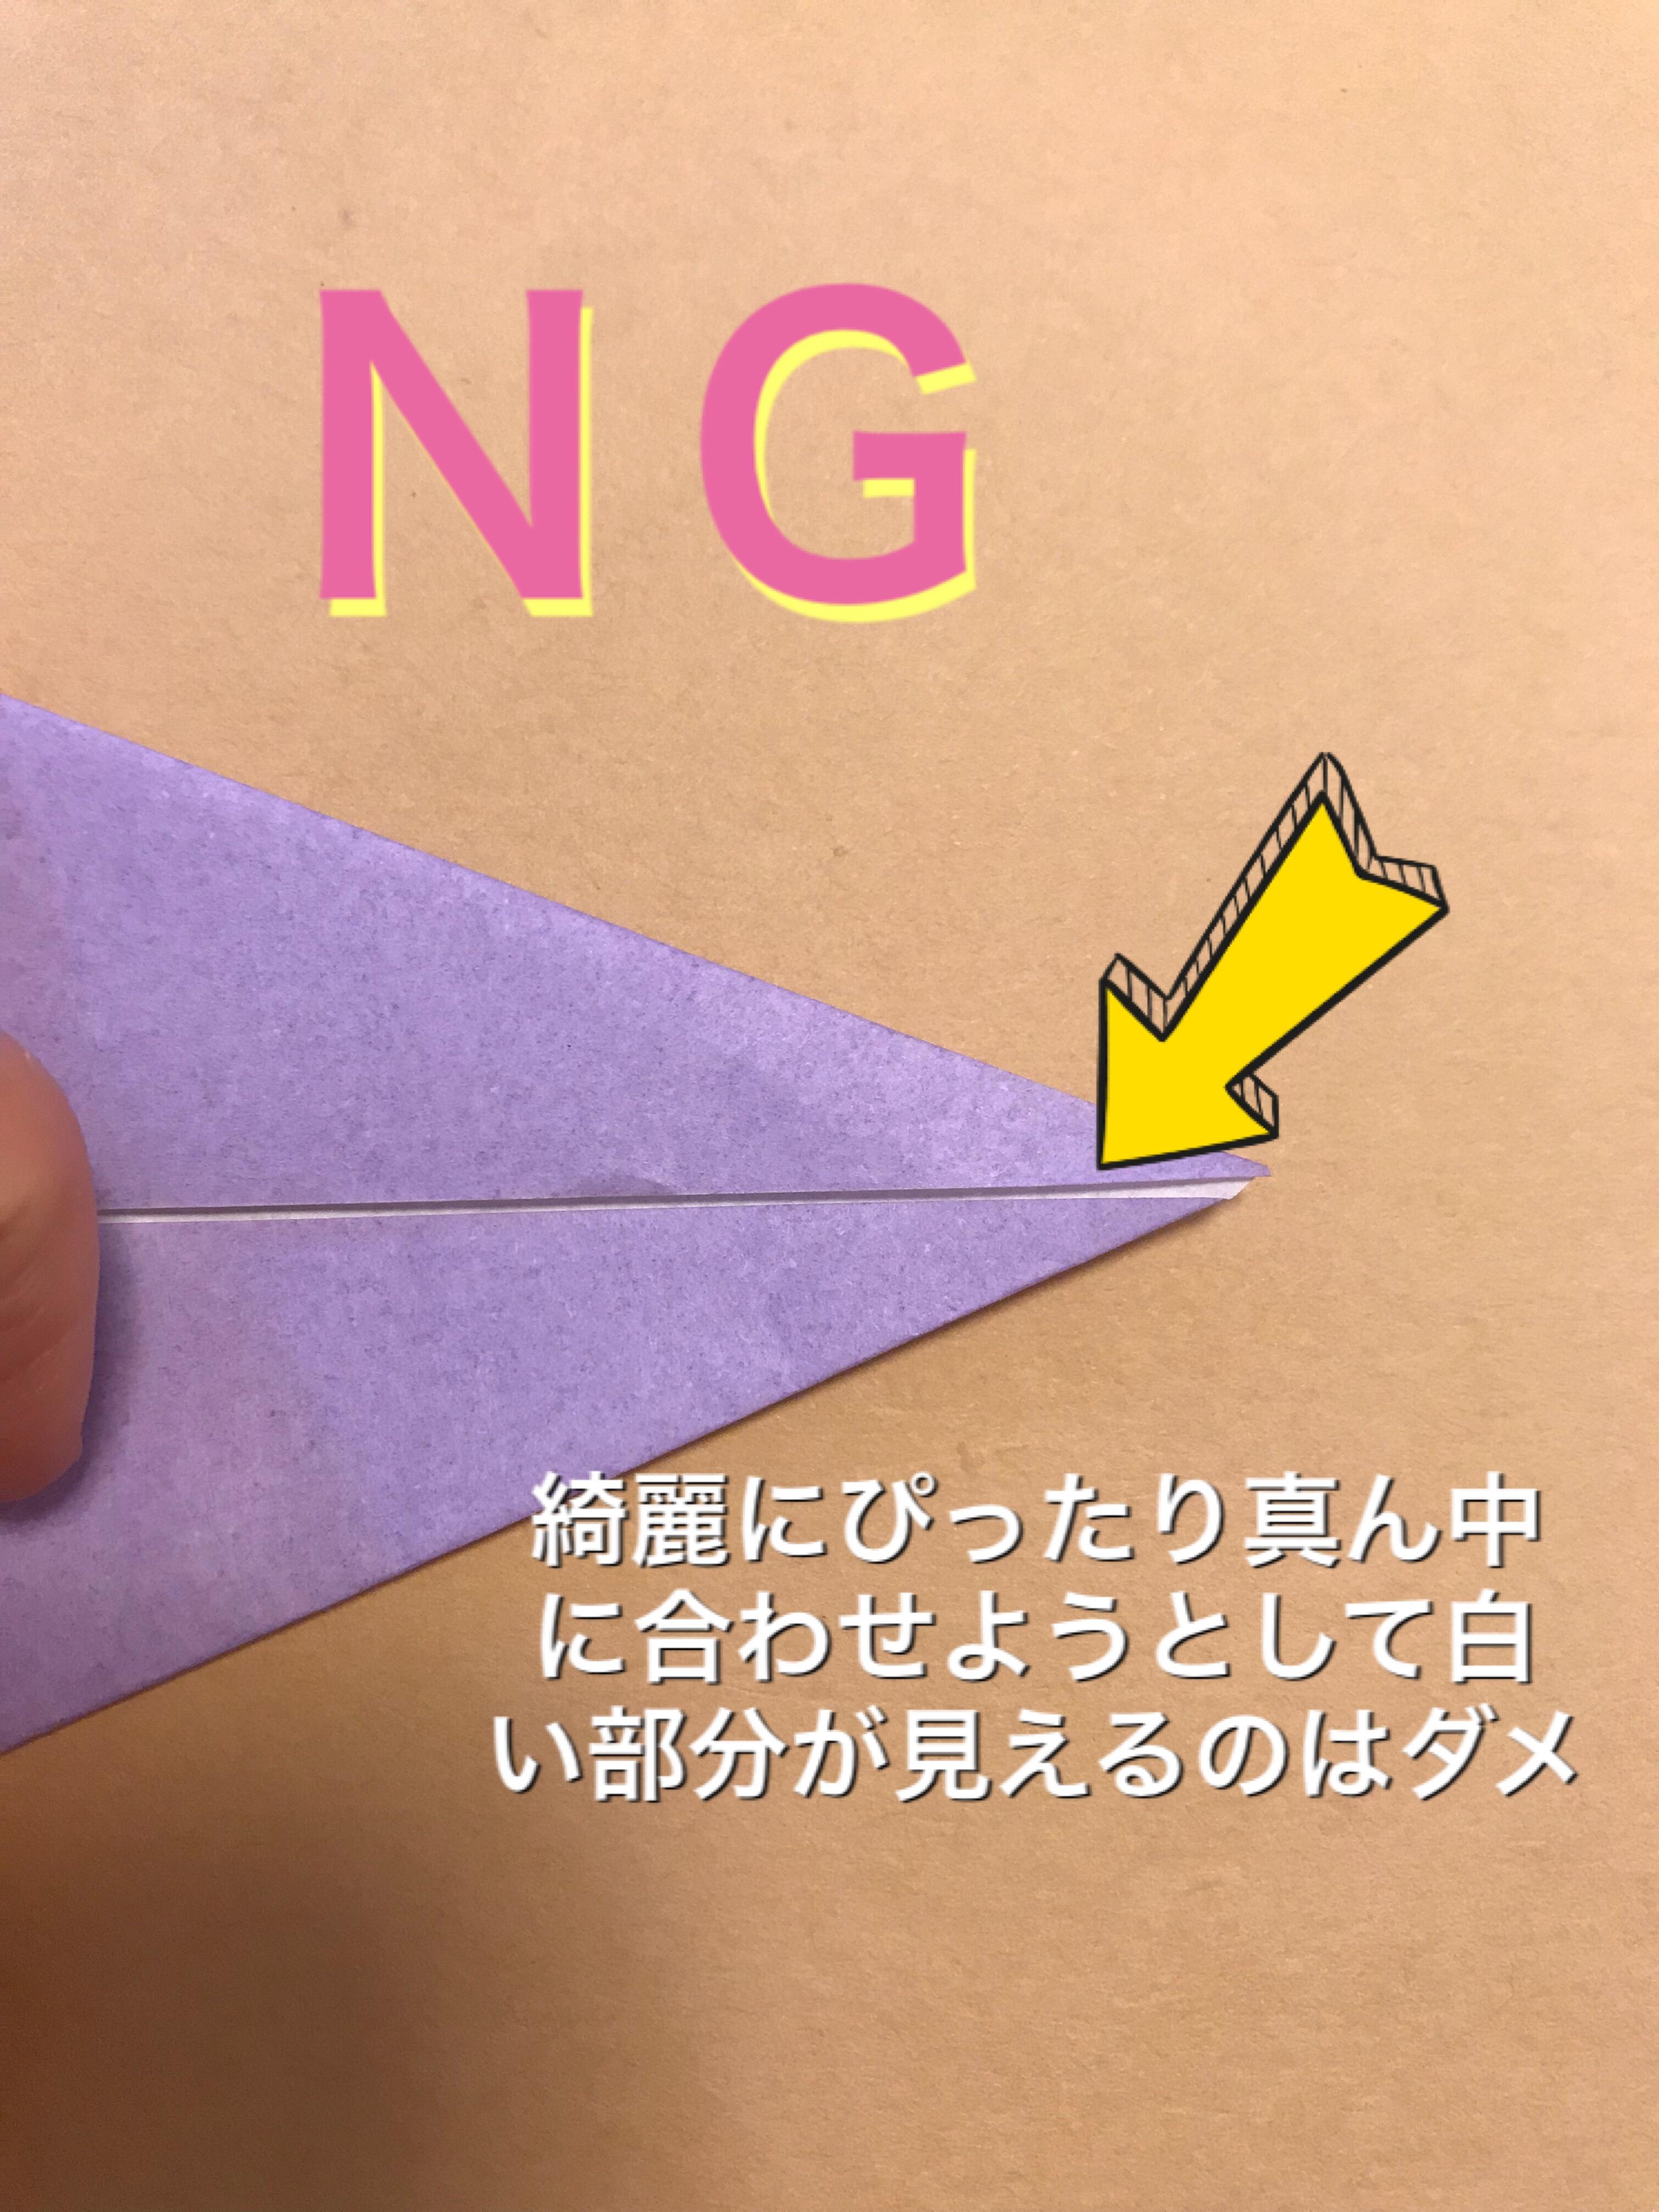 折り方NG例の写真